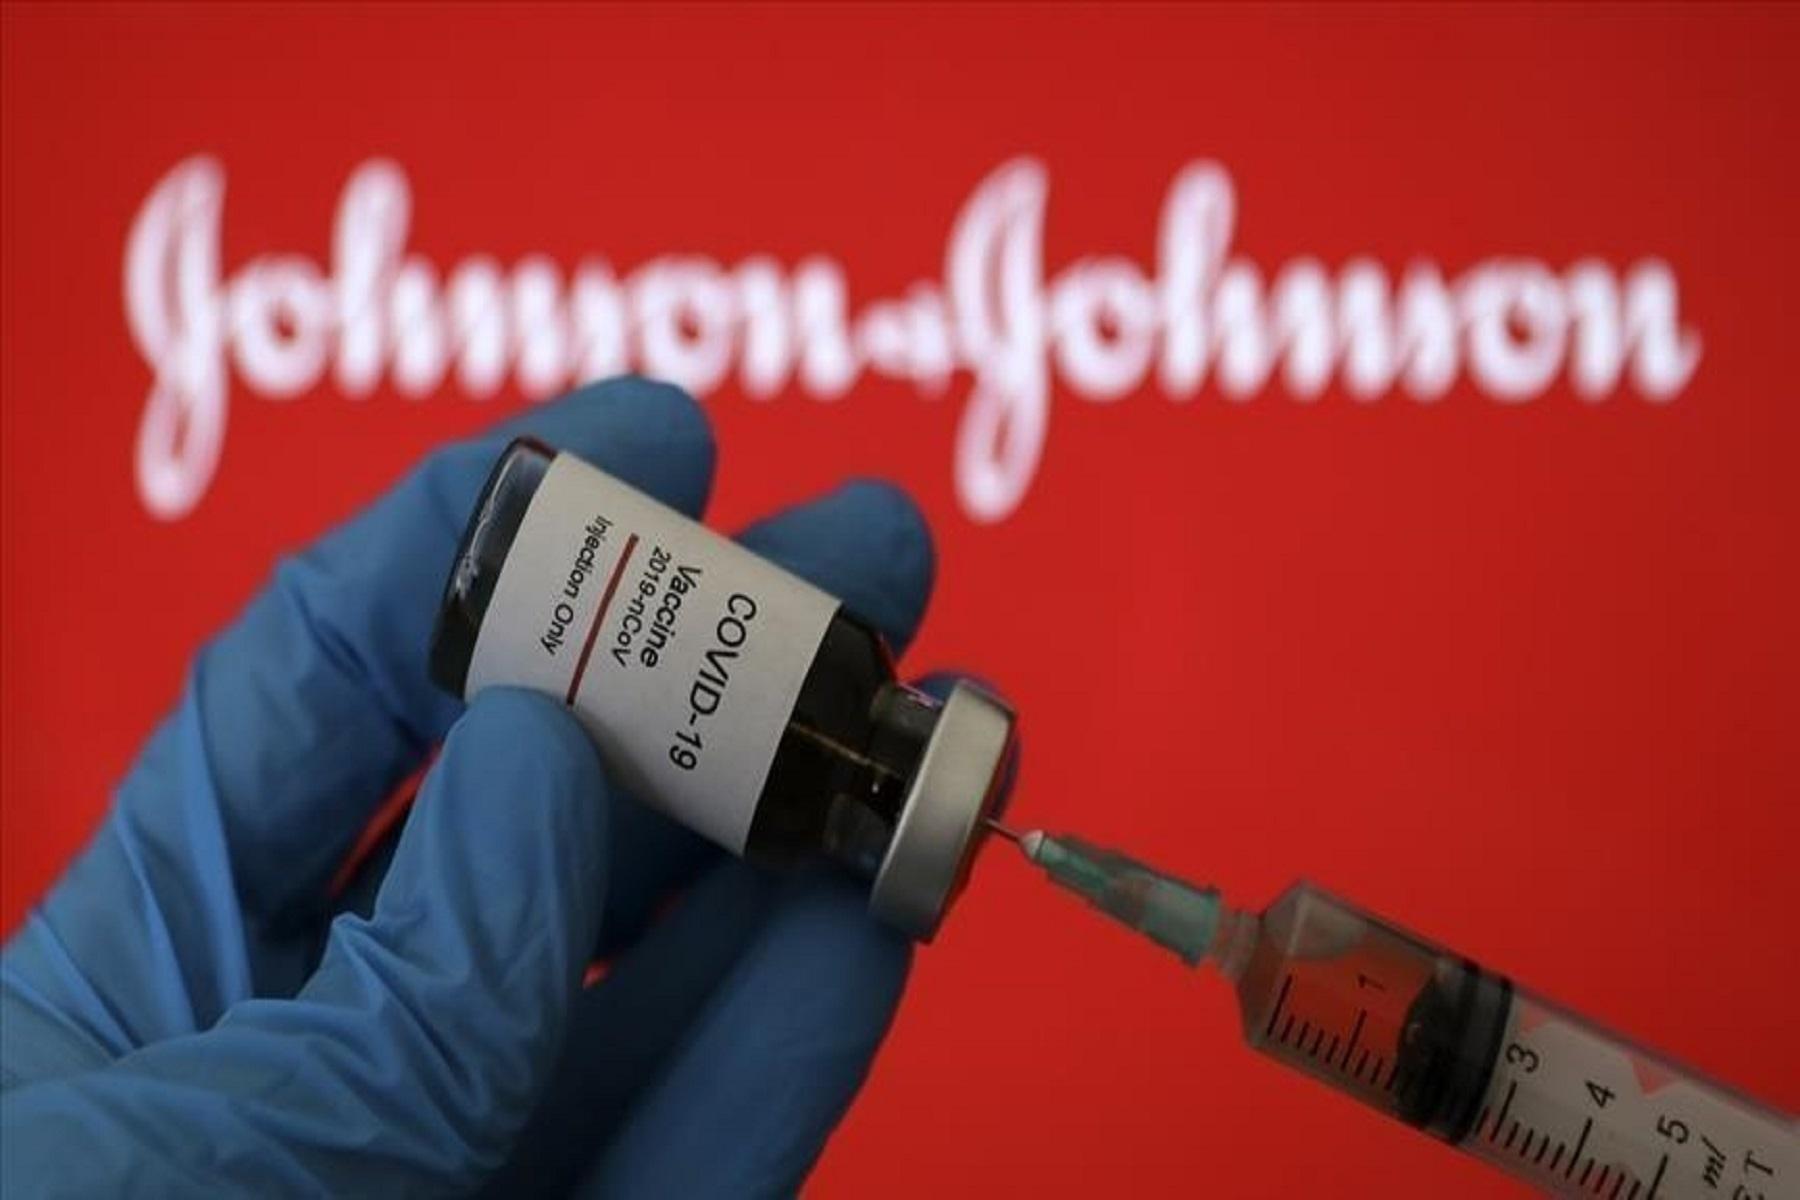 Νέα μελέτη: Πιθανή σχέση μεταξύ του εμβολίου J&J και θρόμβων αίματος